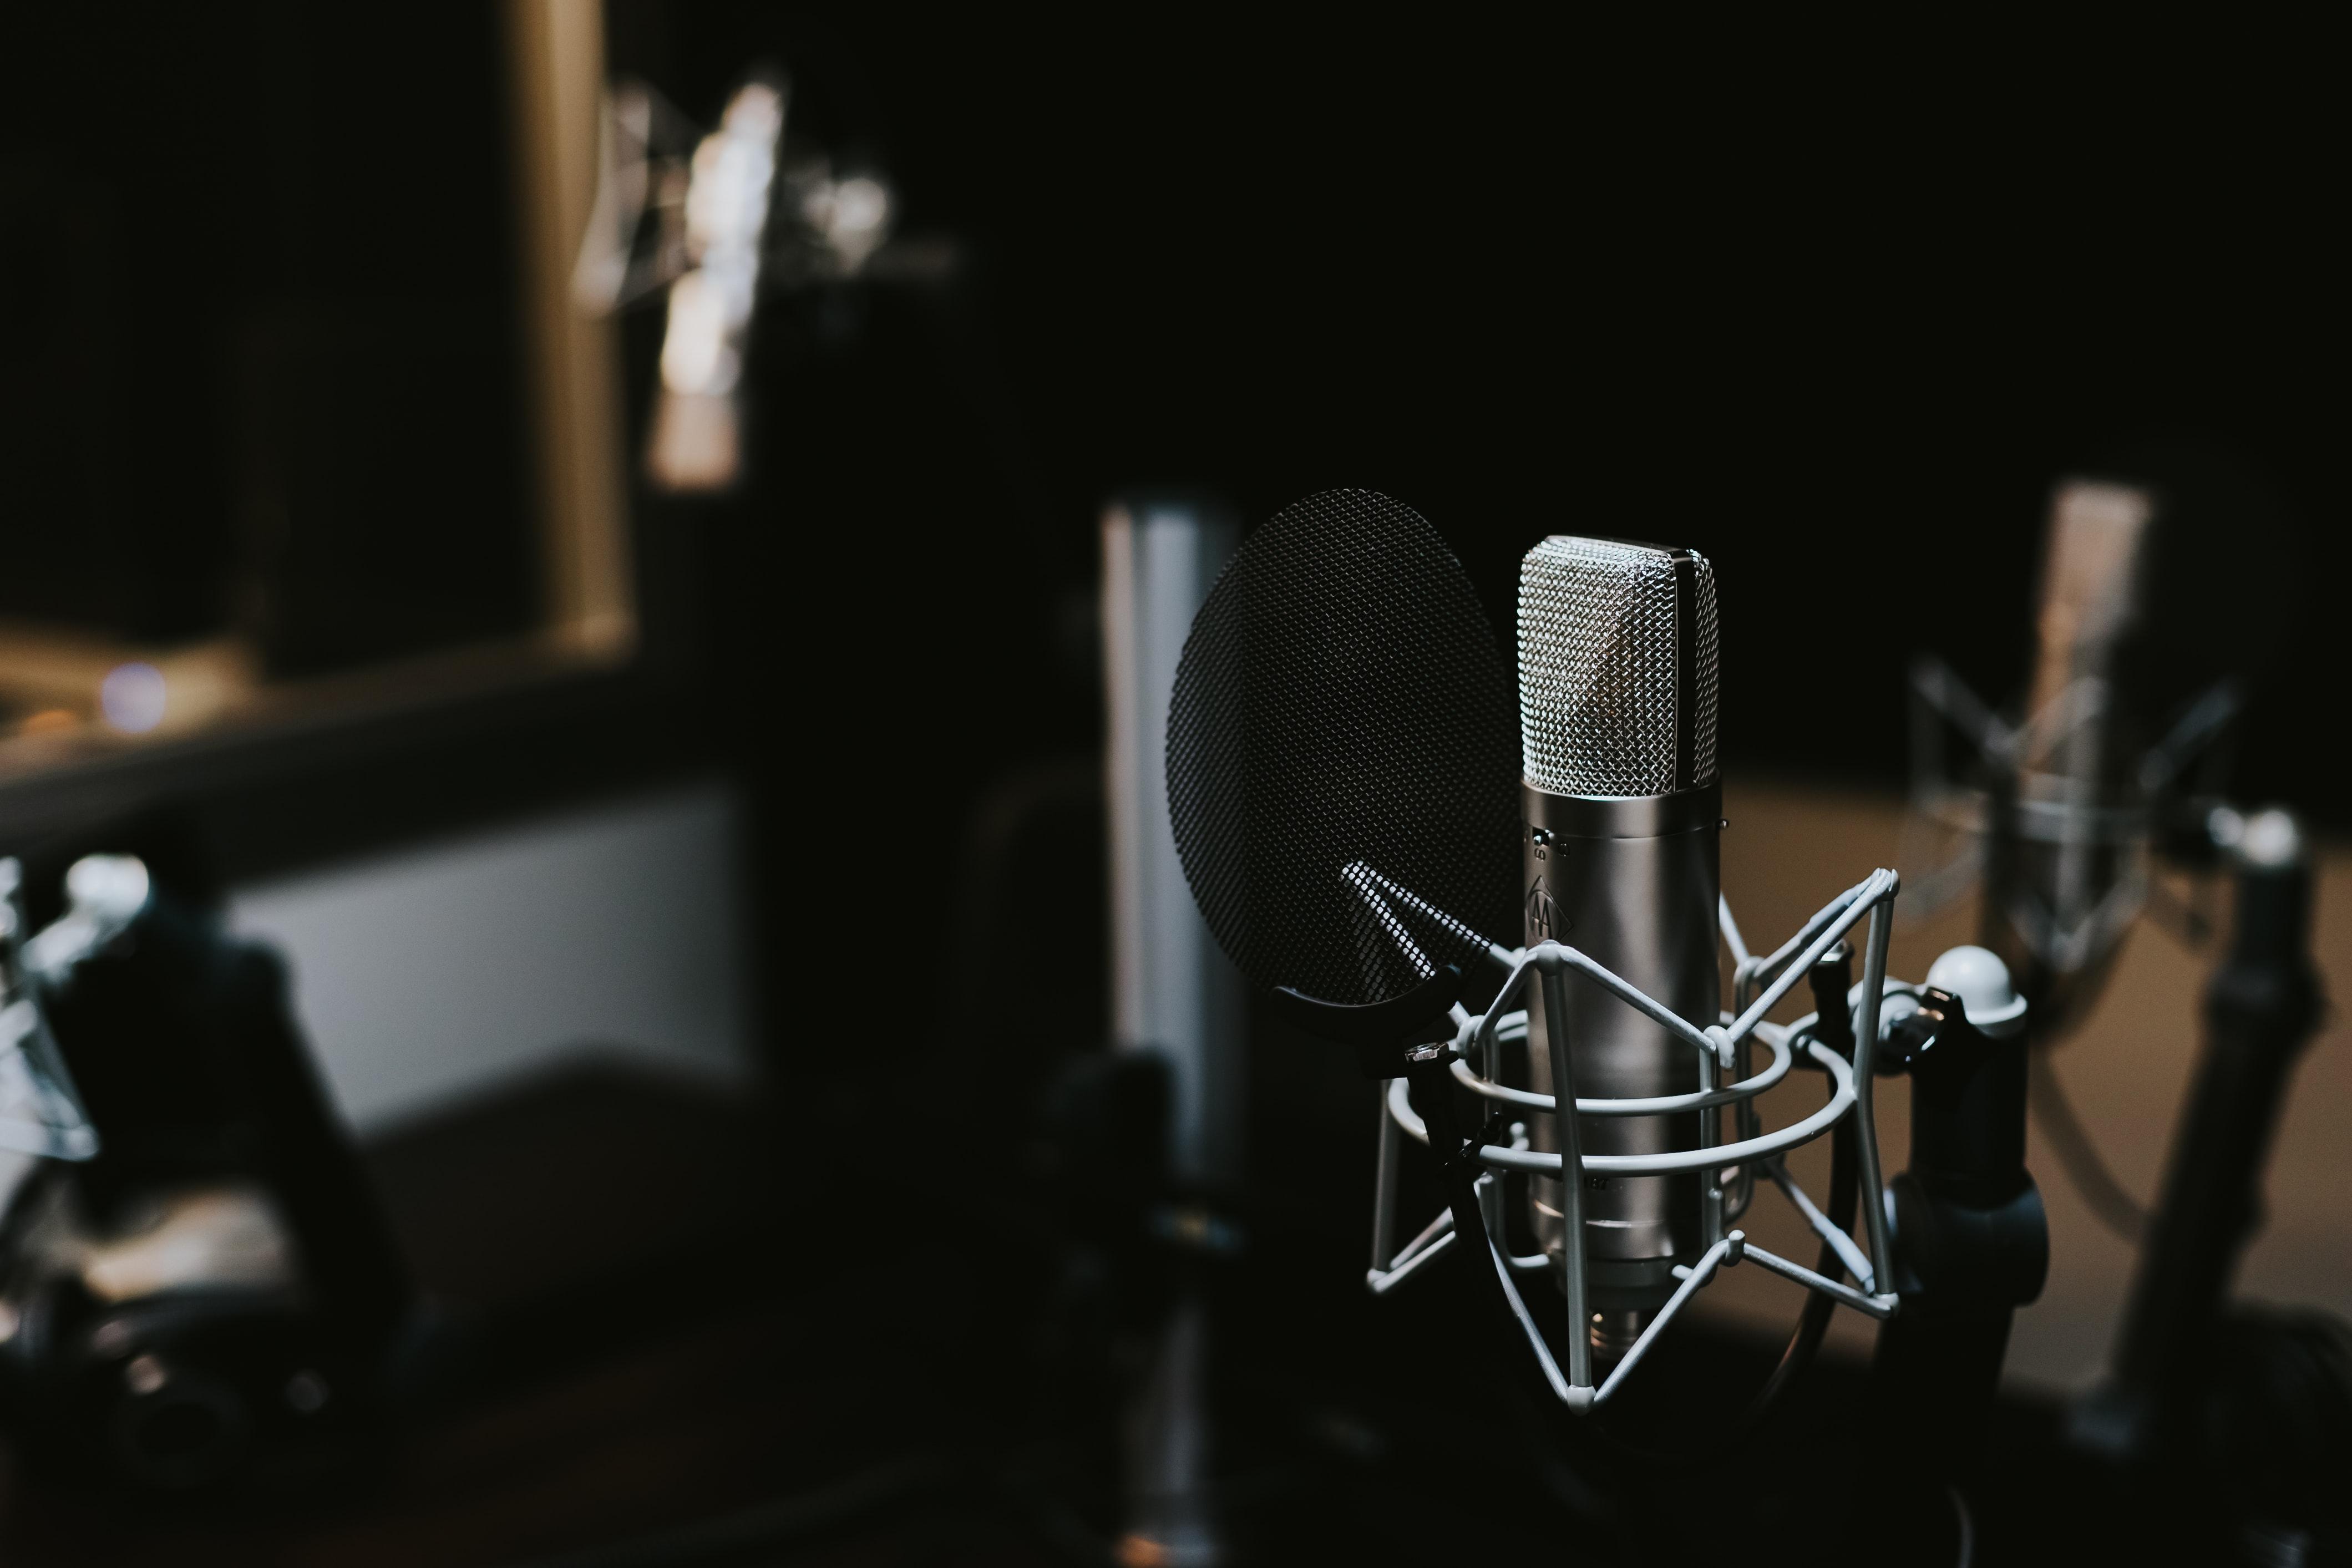 Aplica a la convocatoria del Concurso Internacional de Producciones Radiofónicas